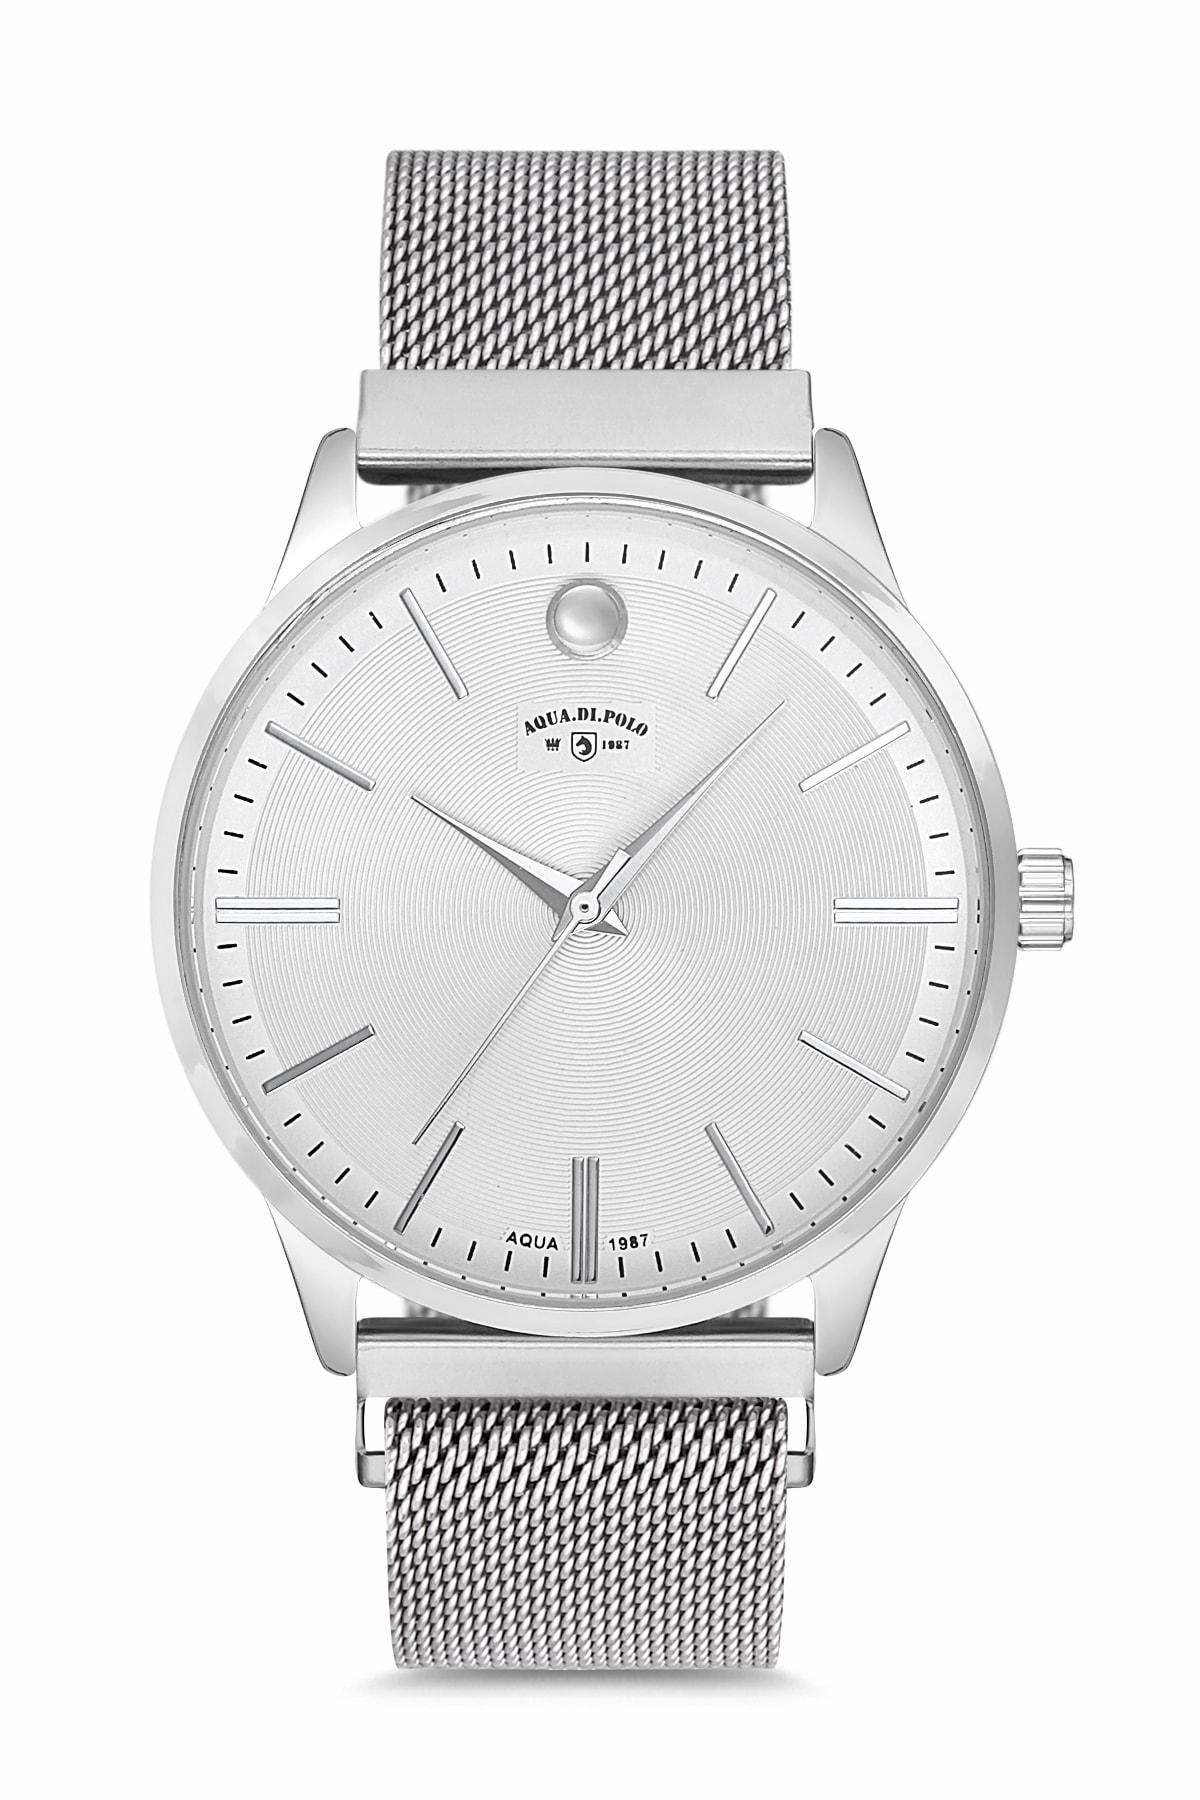 خرید پستی ساعت مچی زنانه ارزان برند Aqua Di Polo 1987 رنگ نقره کد ty40648992